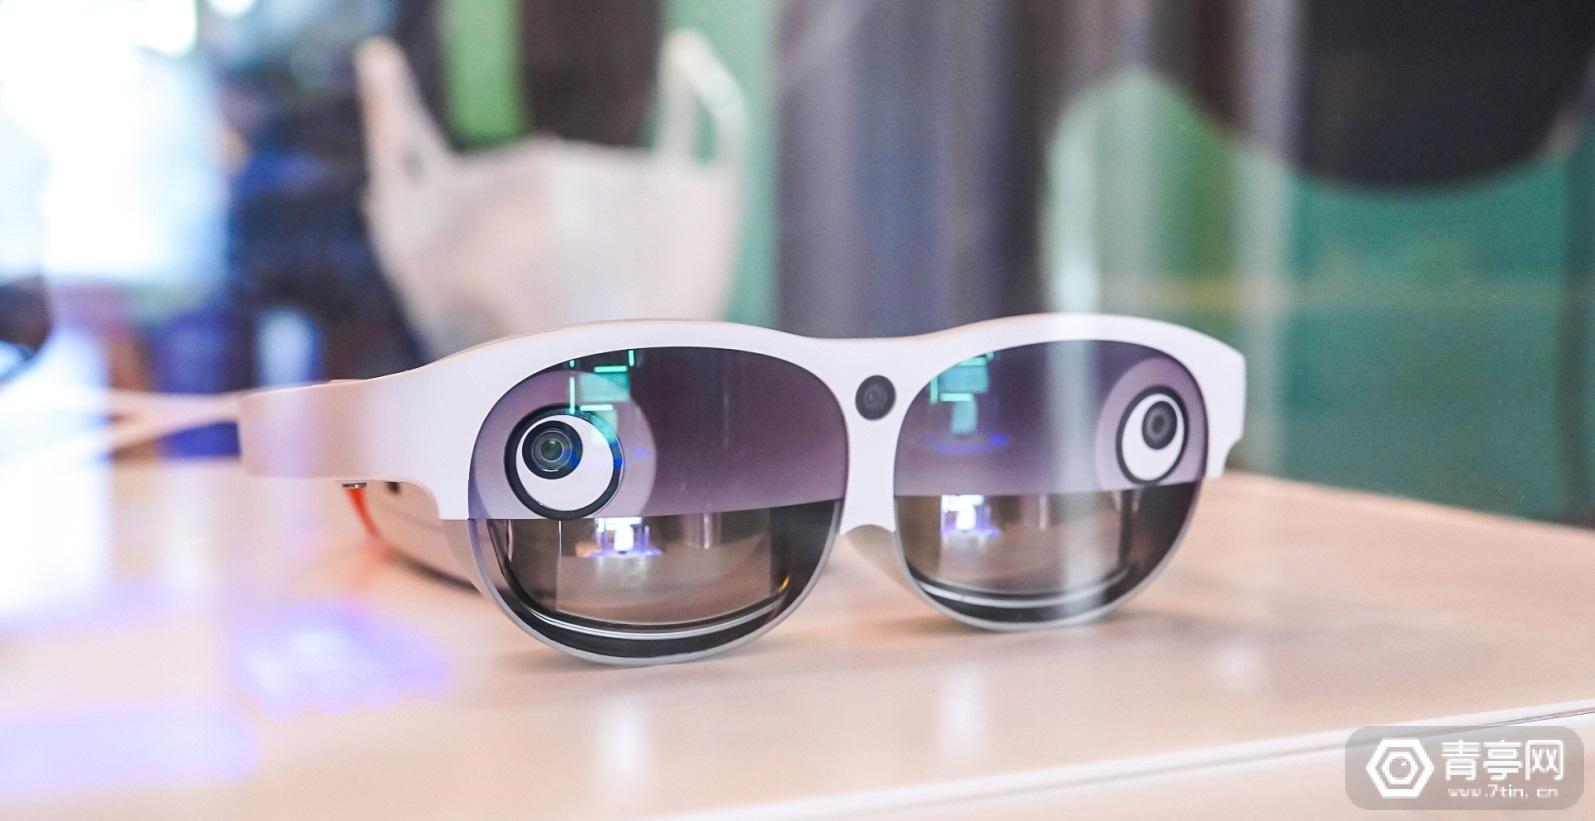 太平洋未来科技发布二代am glass AR眼镜